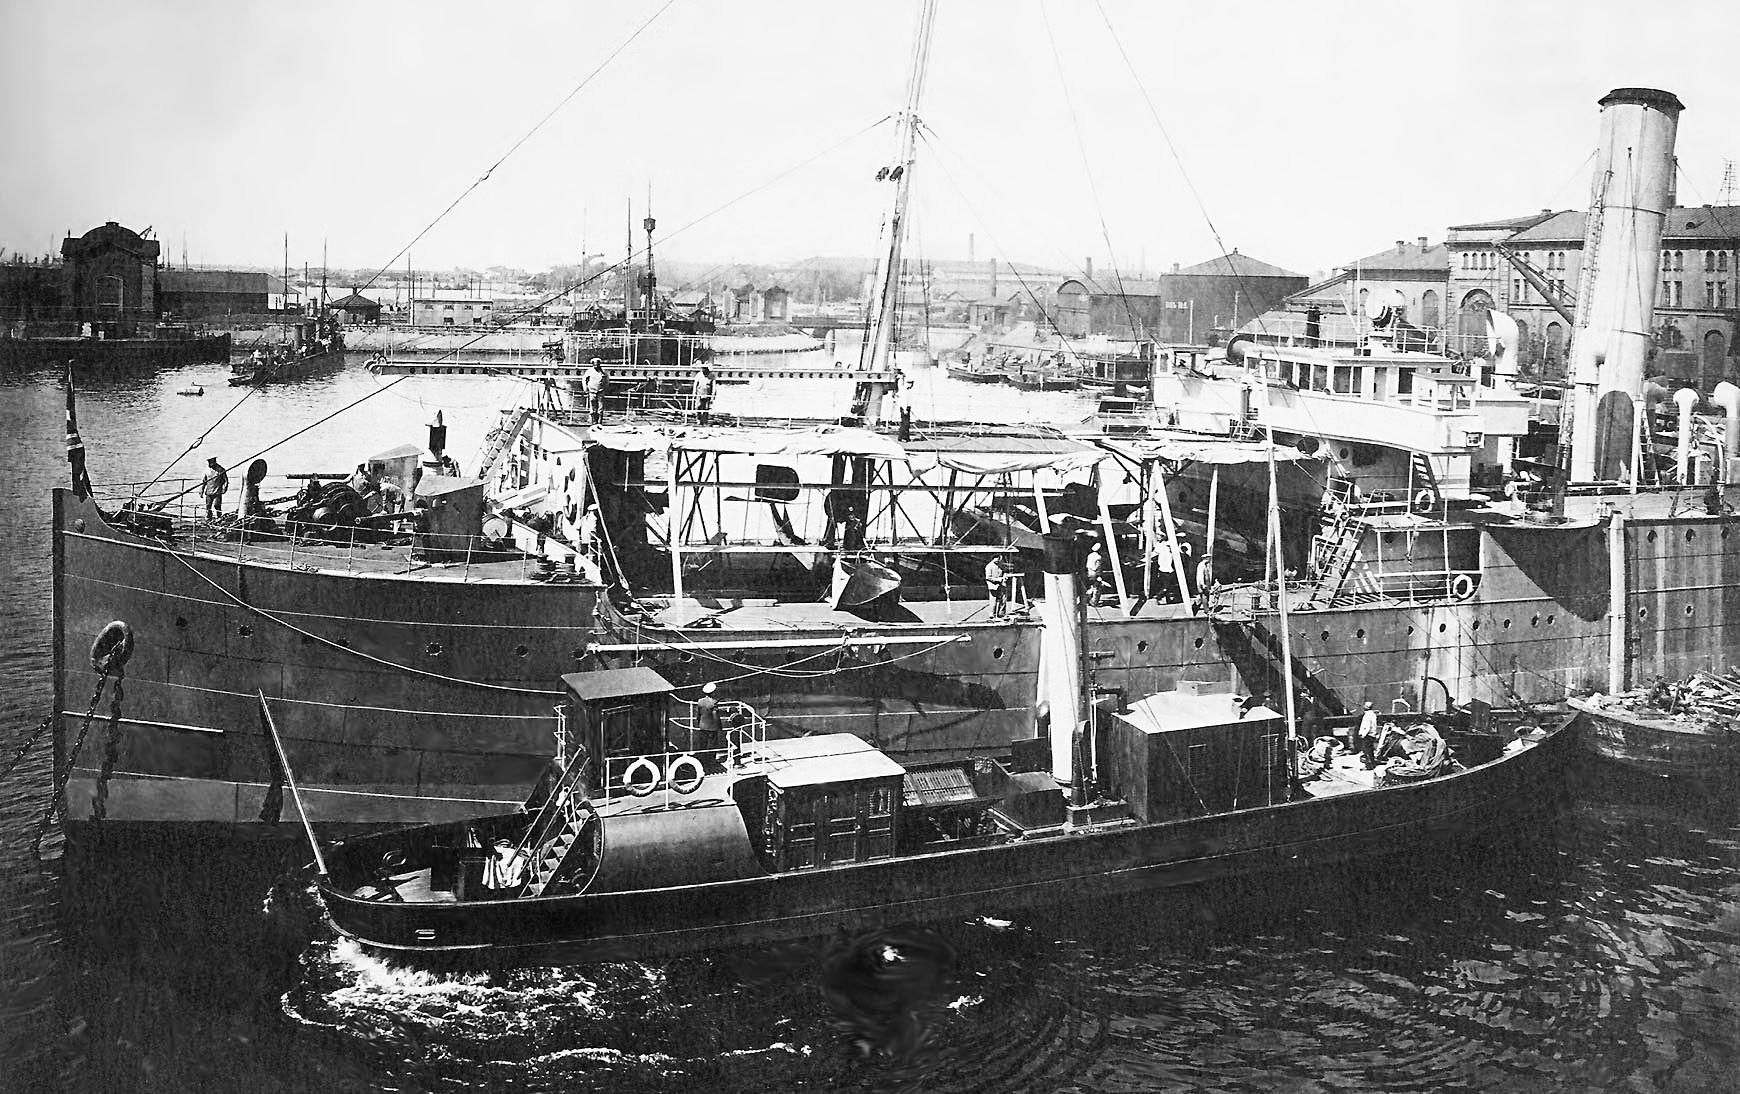 飛行艇 F.B.A. Type Сを載せた水上機母艦「オルリーツァ」。